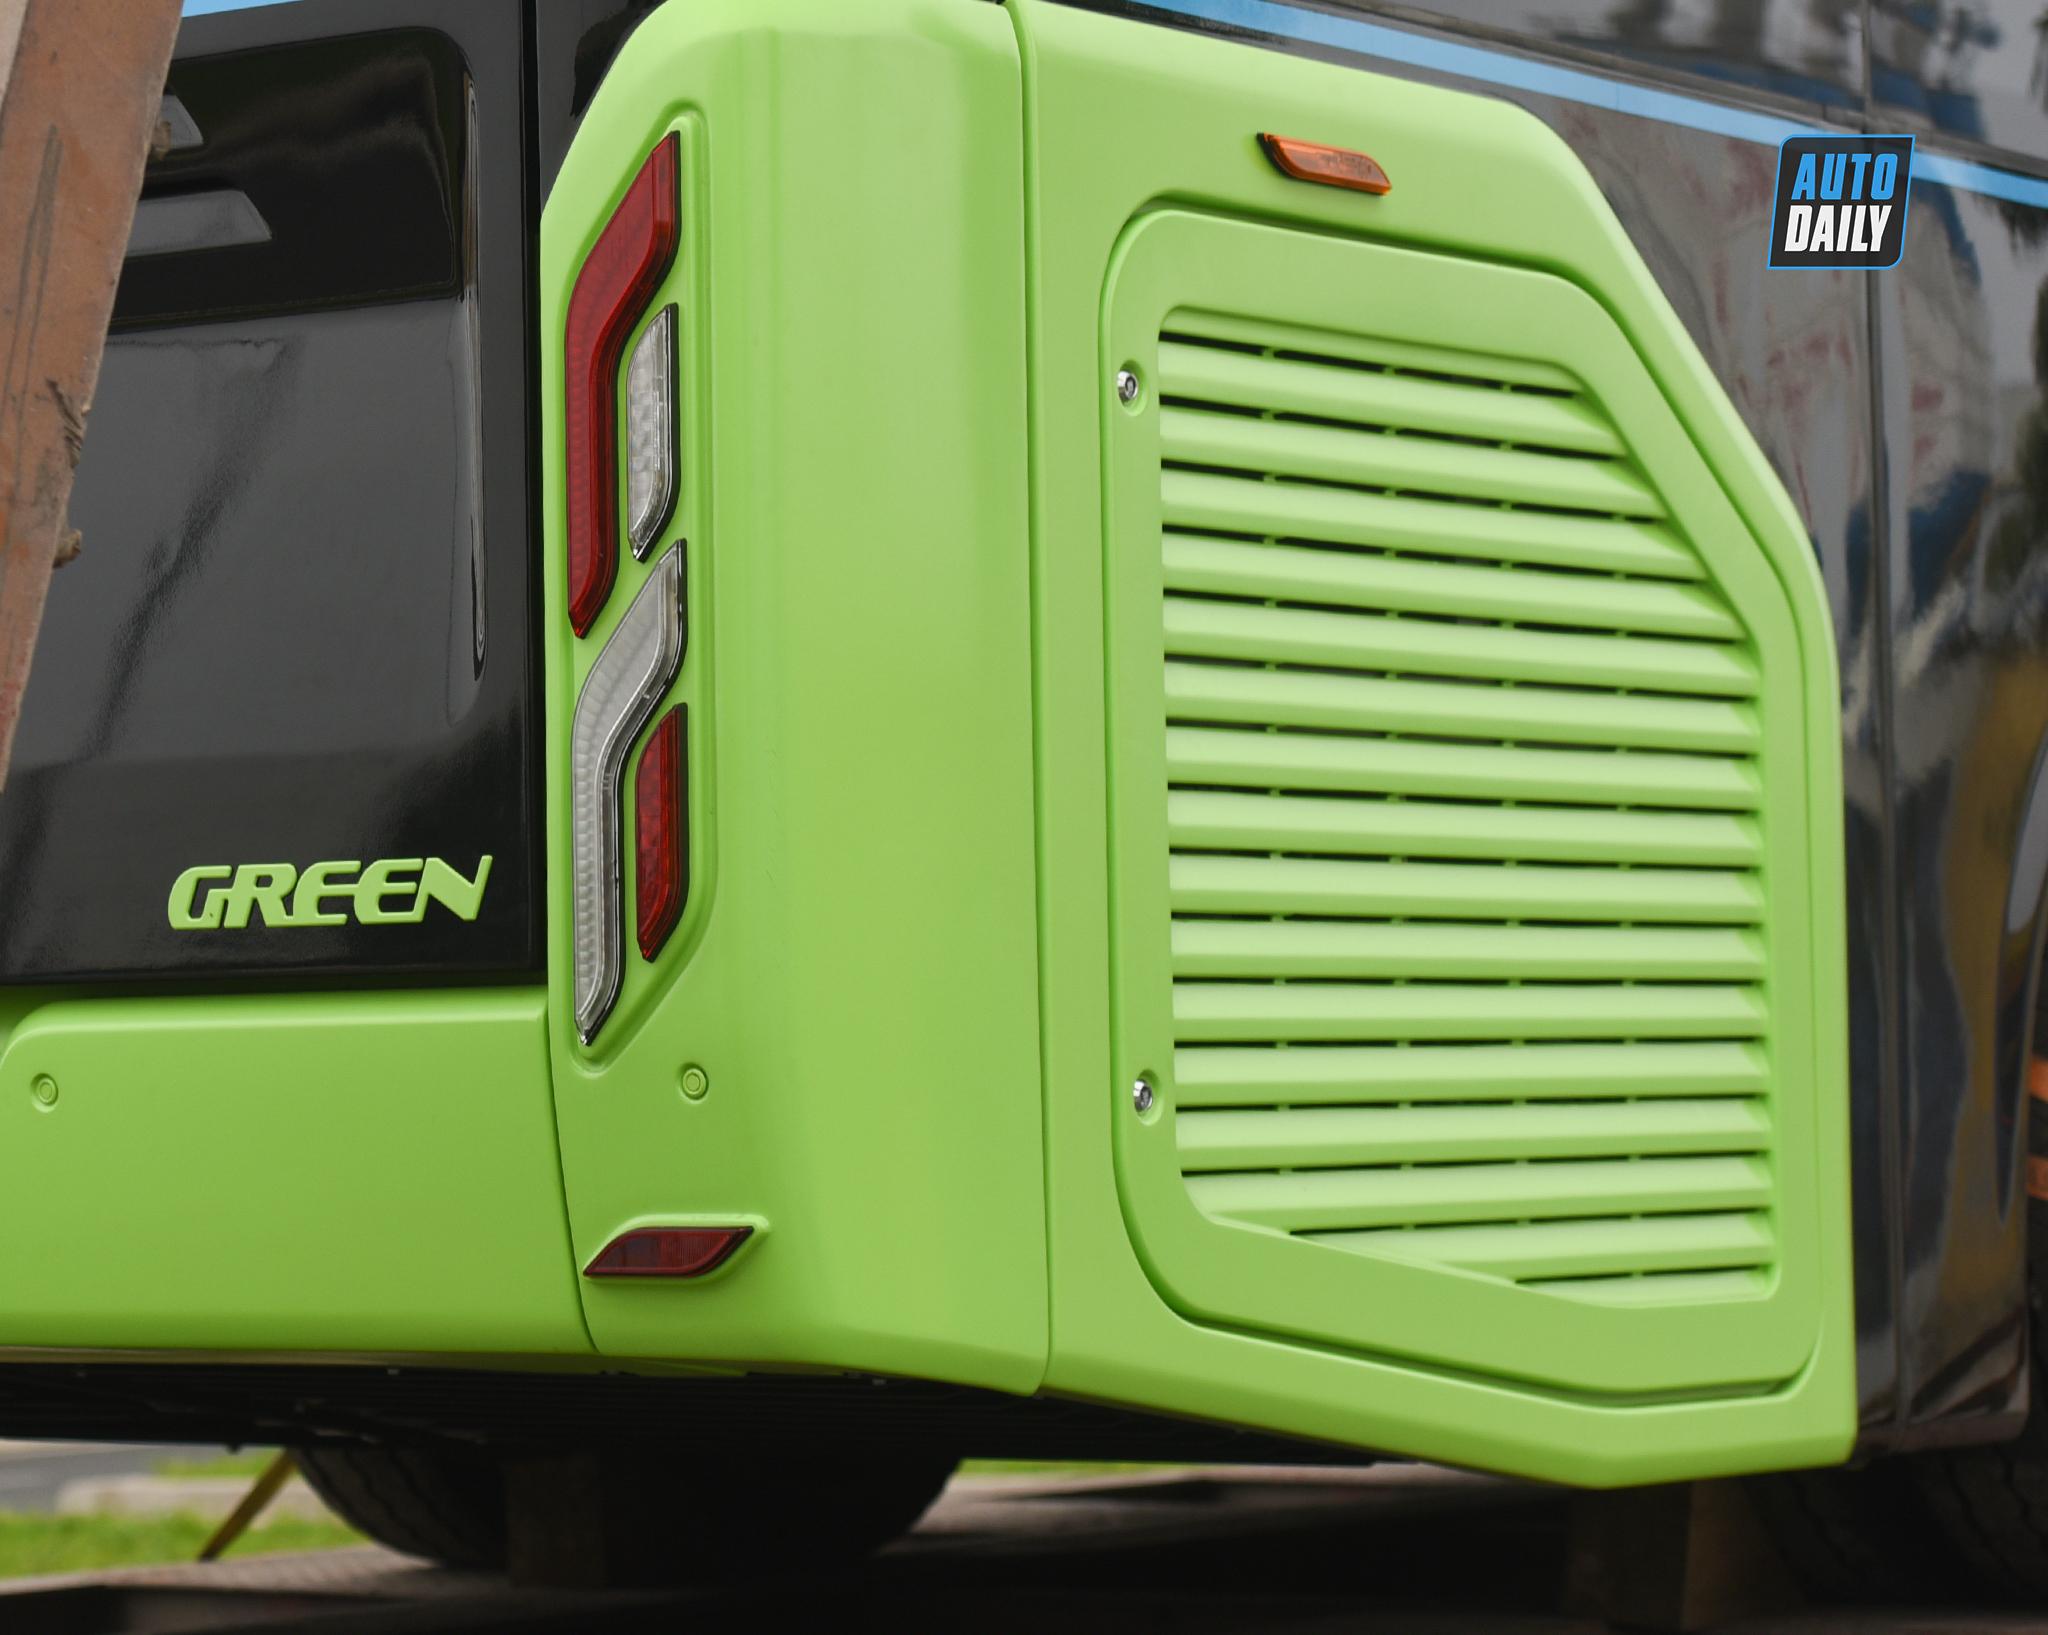 Chùm ảnh loạt xe Bus điện VinFast có mặt tại Hà Nội, sẵn sàng chạy thí điểm dsc-3824-copy.jpg